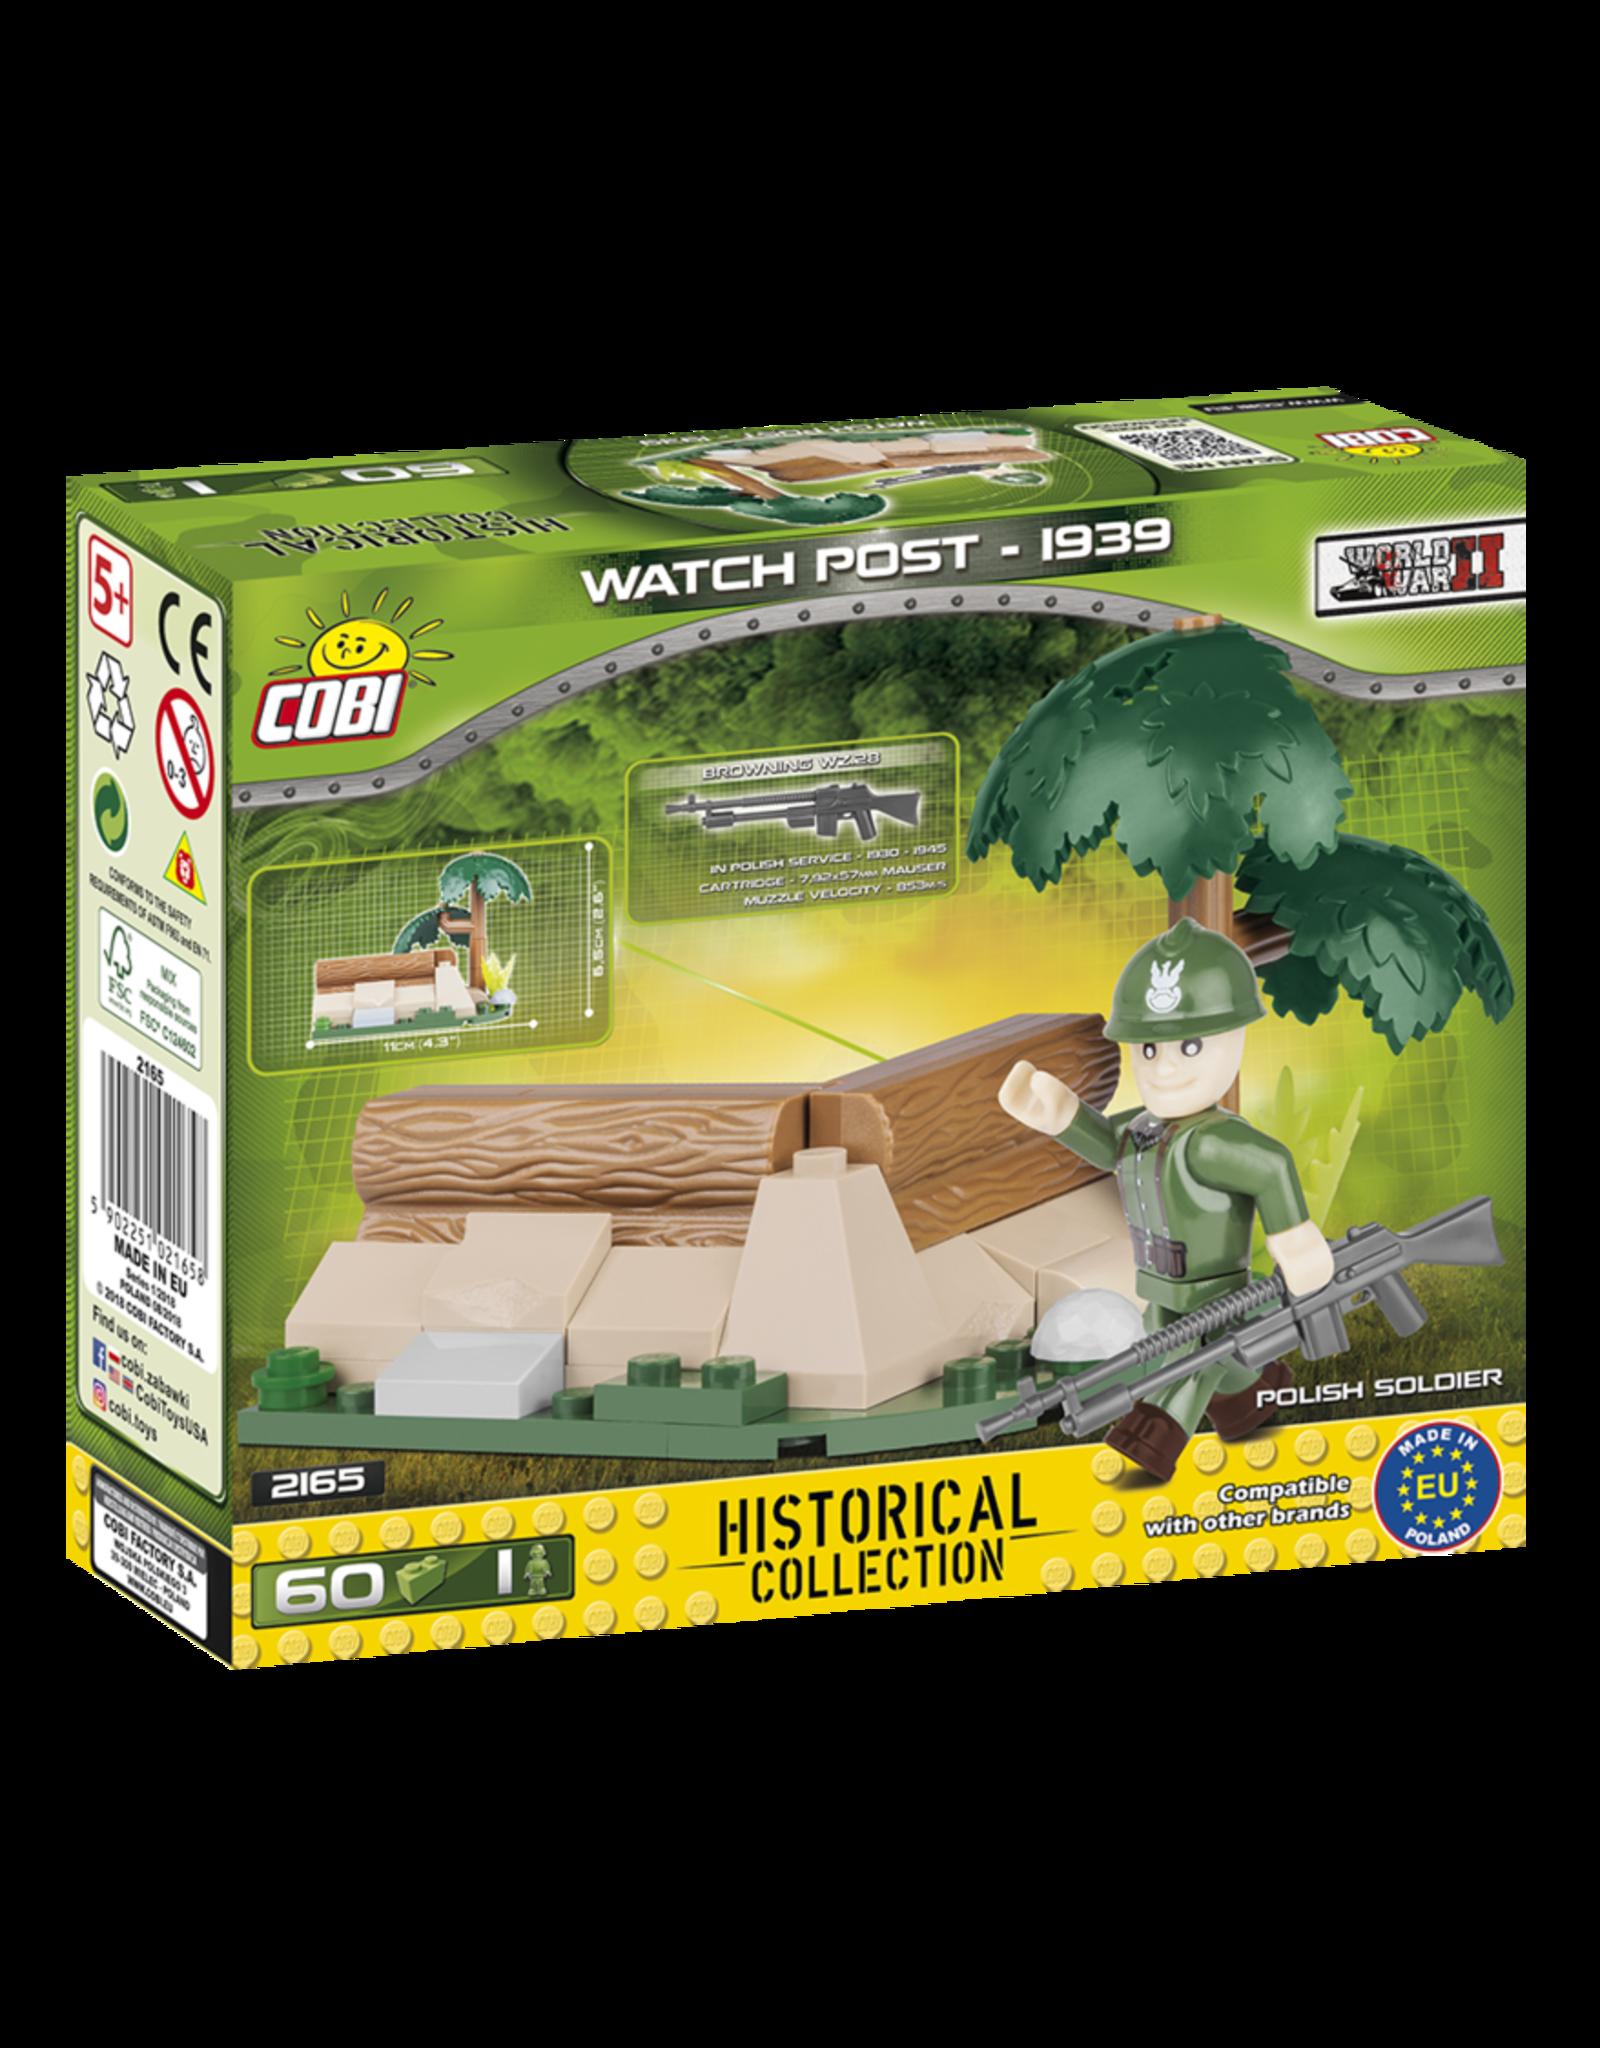 COBI COBI WW2 2165 - Watchpost 1939